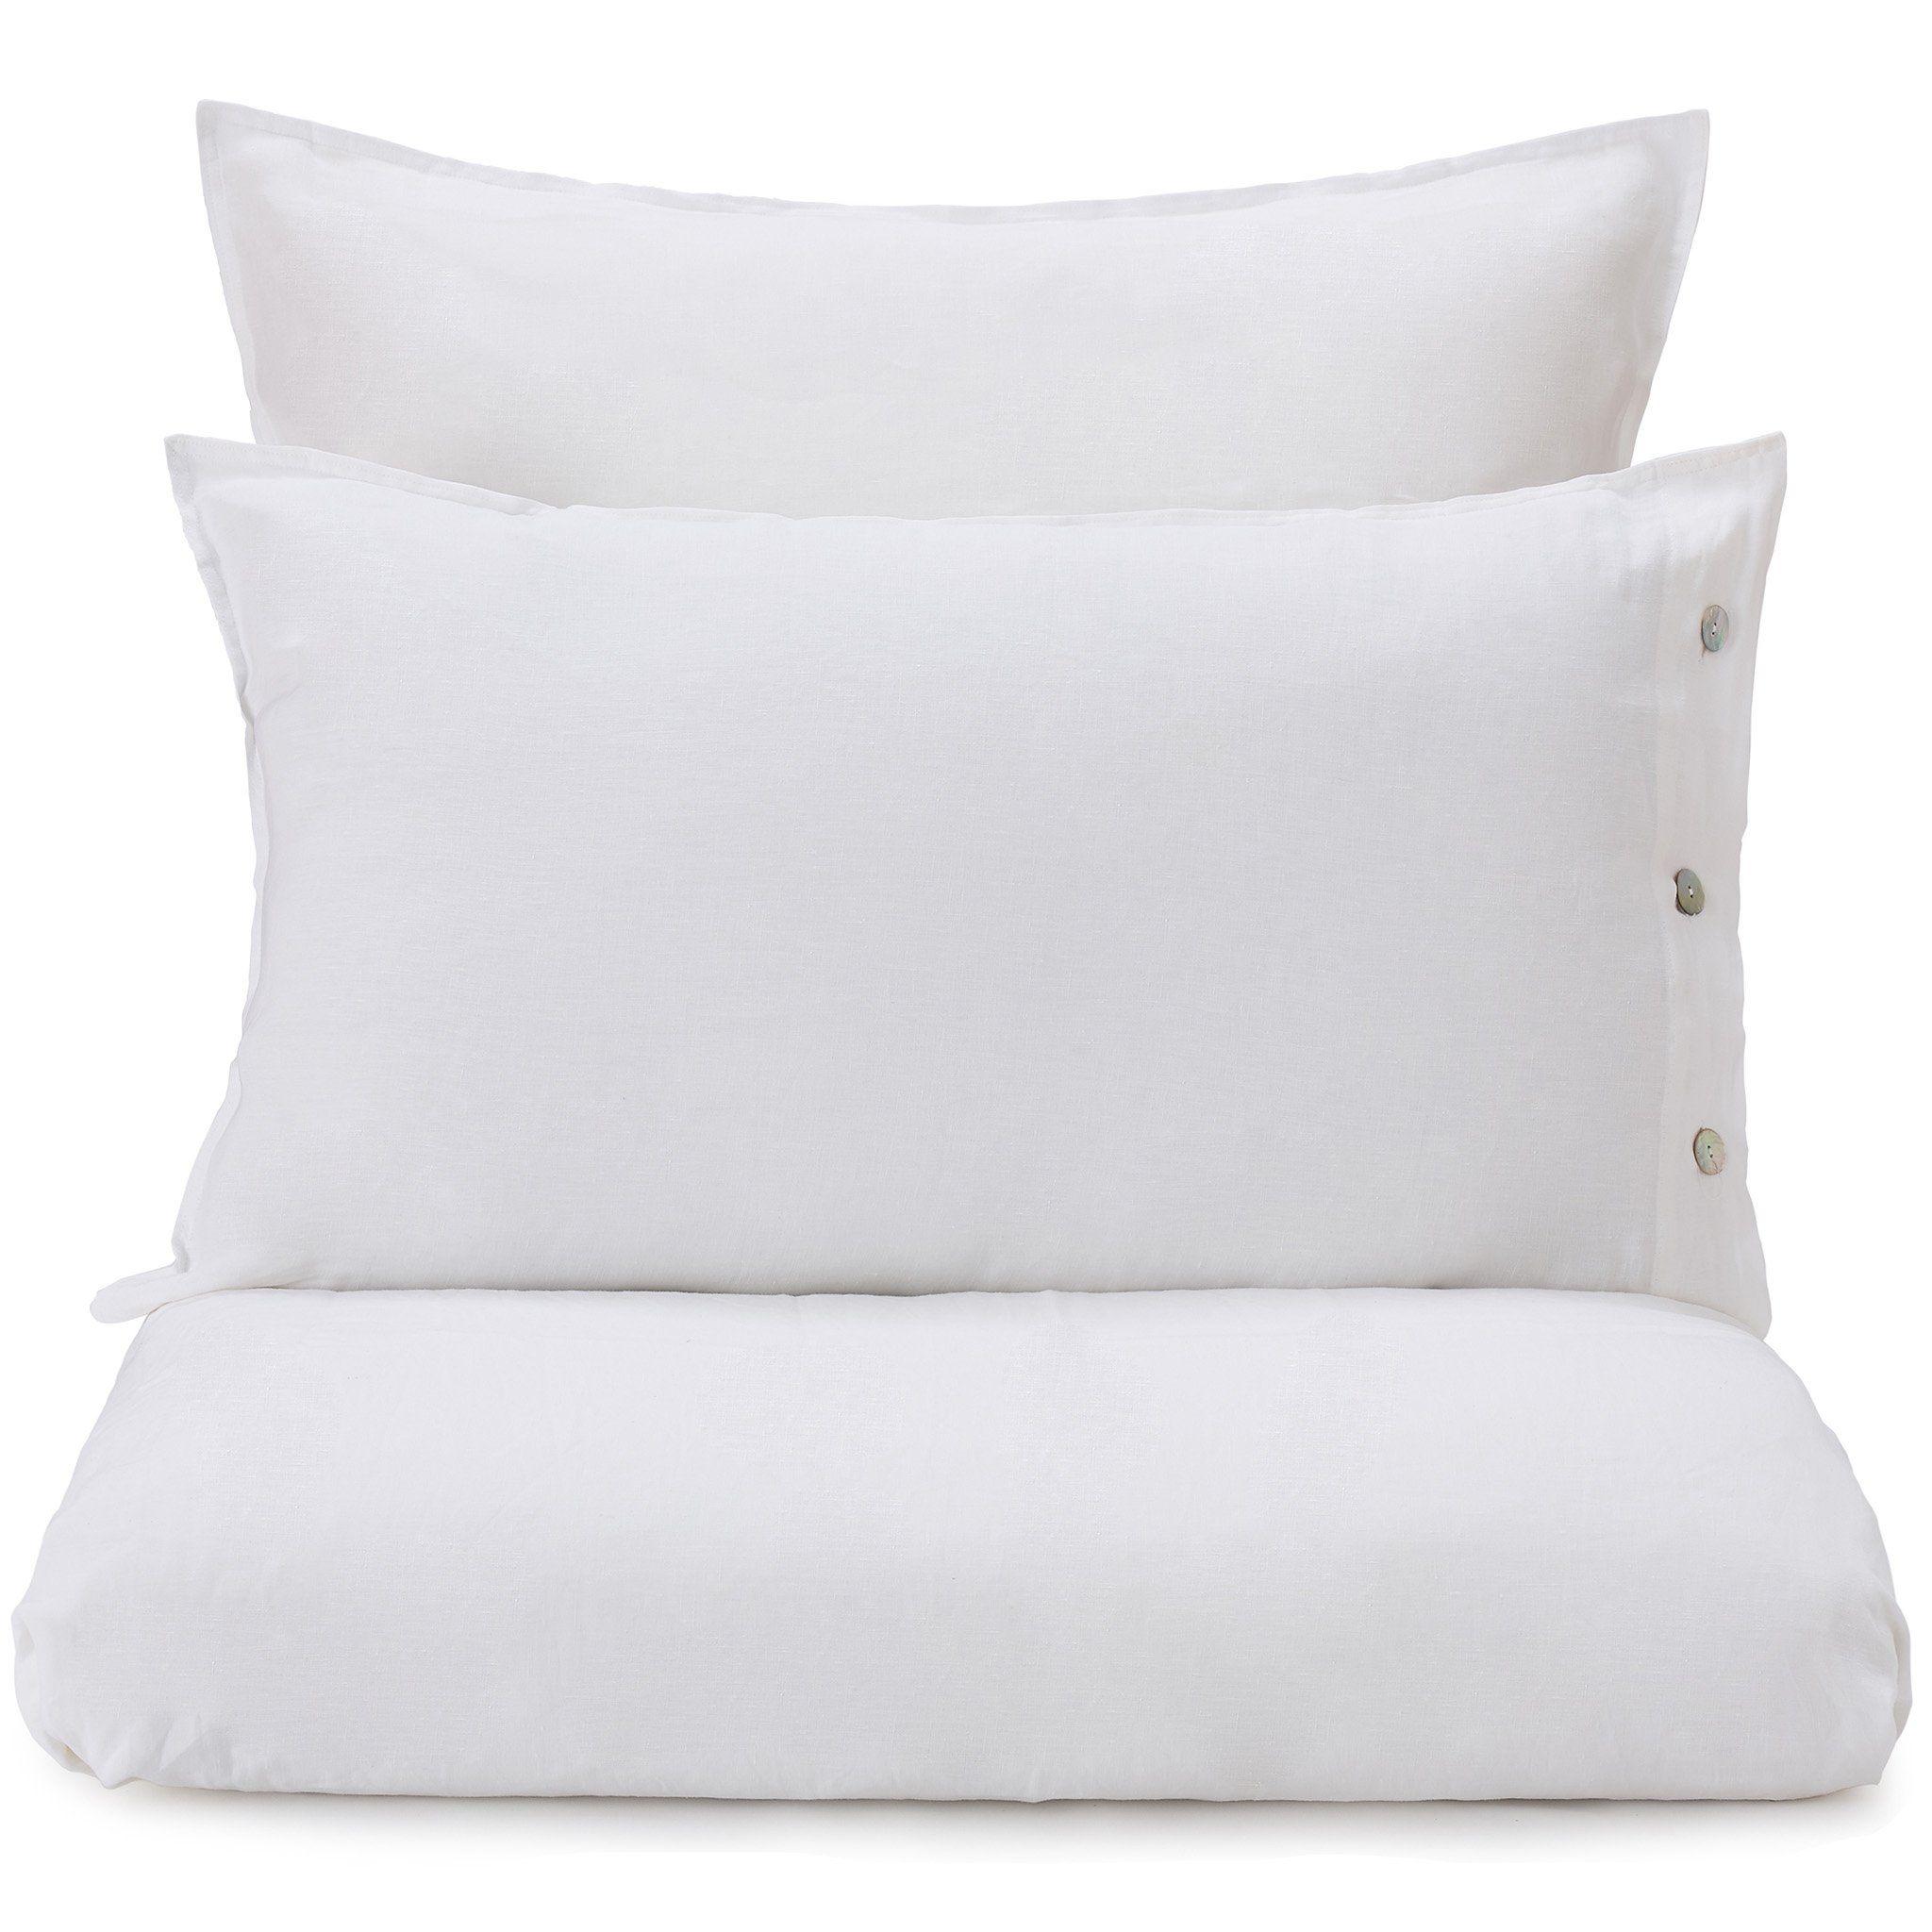 Leinen Bettwasche Bellvis Weiss Bettwasche Schone Bettwasche